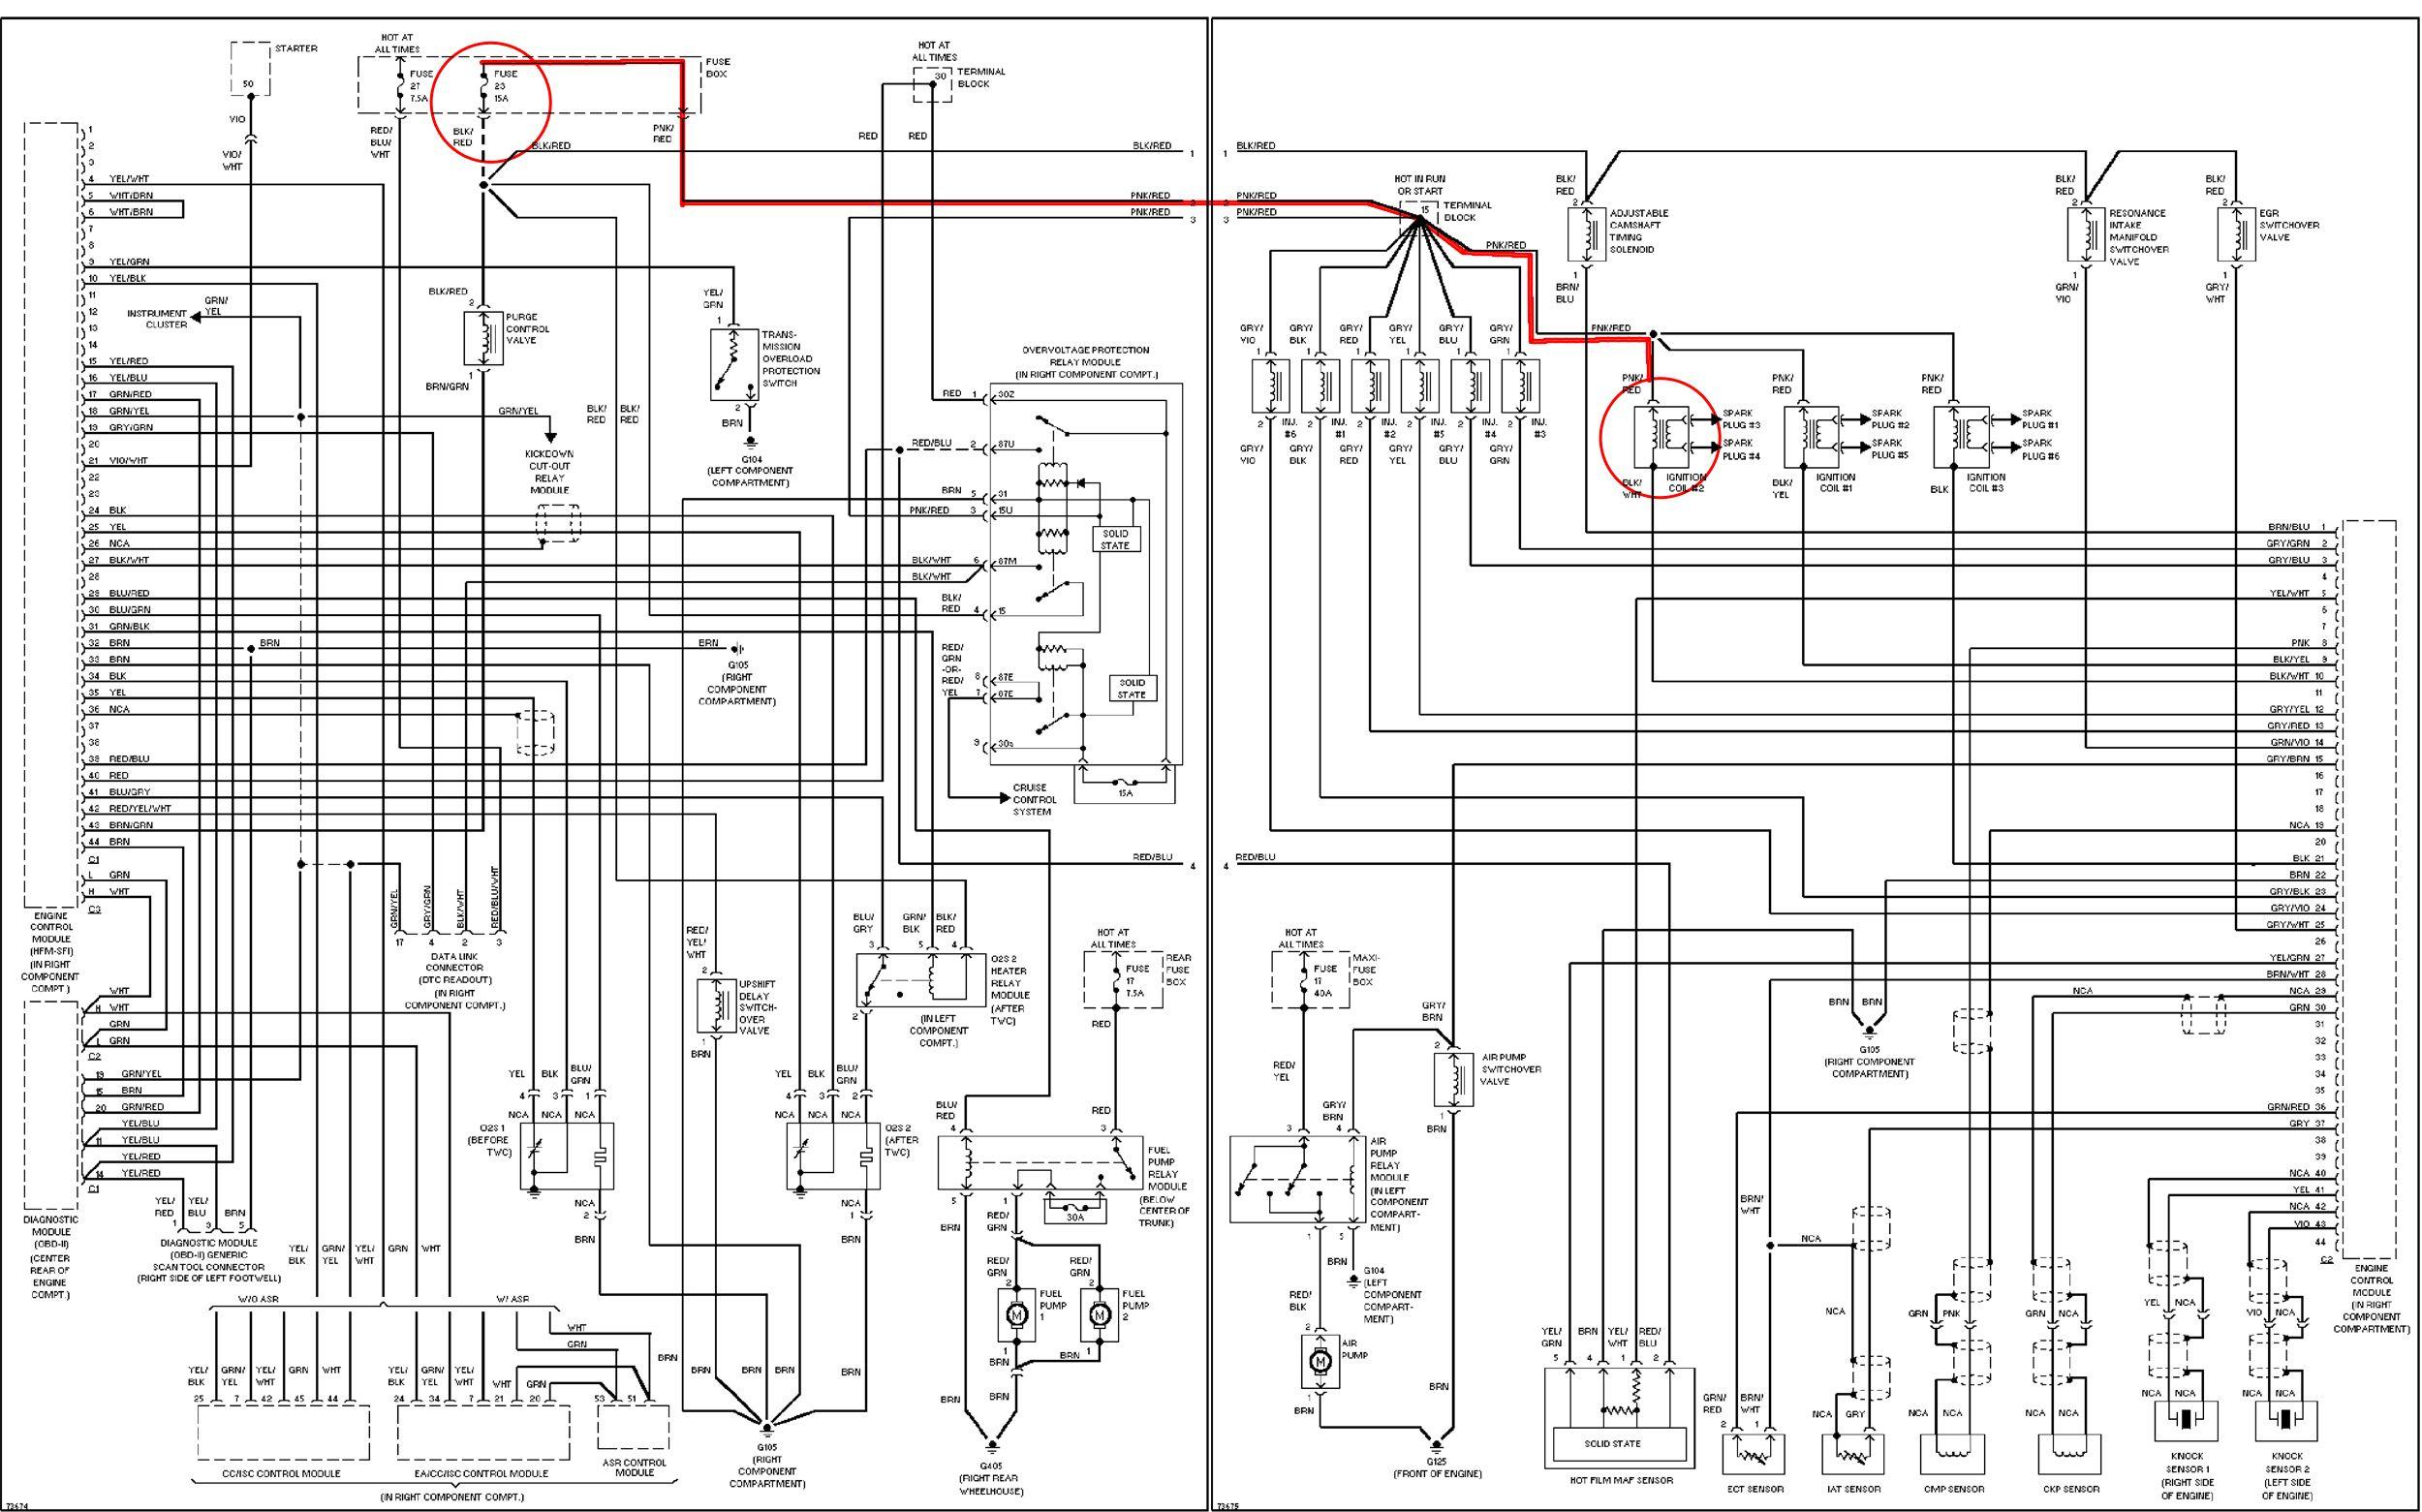 NE_5965] Mercedes Slk Wiring Diagram Free DiagramPhot Hylec Birdem Mohammedshrine Librar Wiring 101